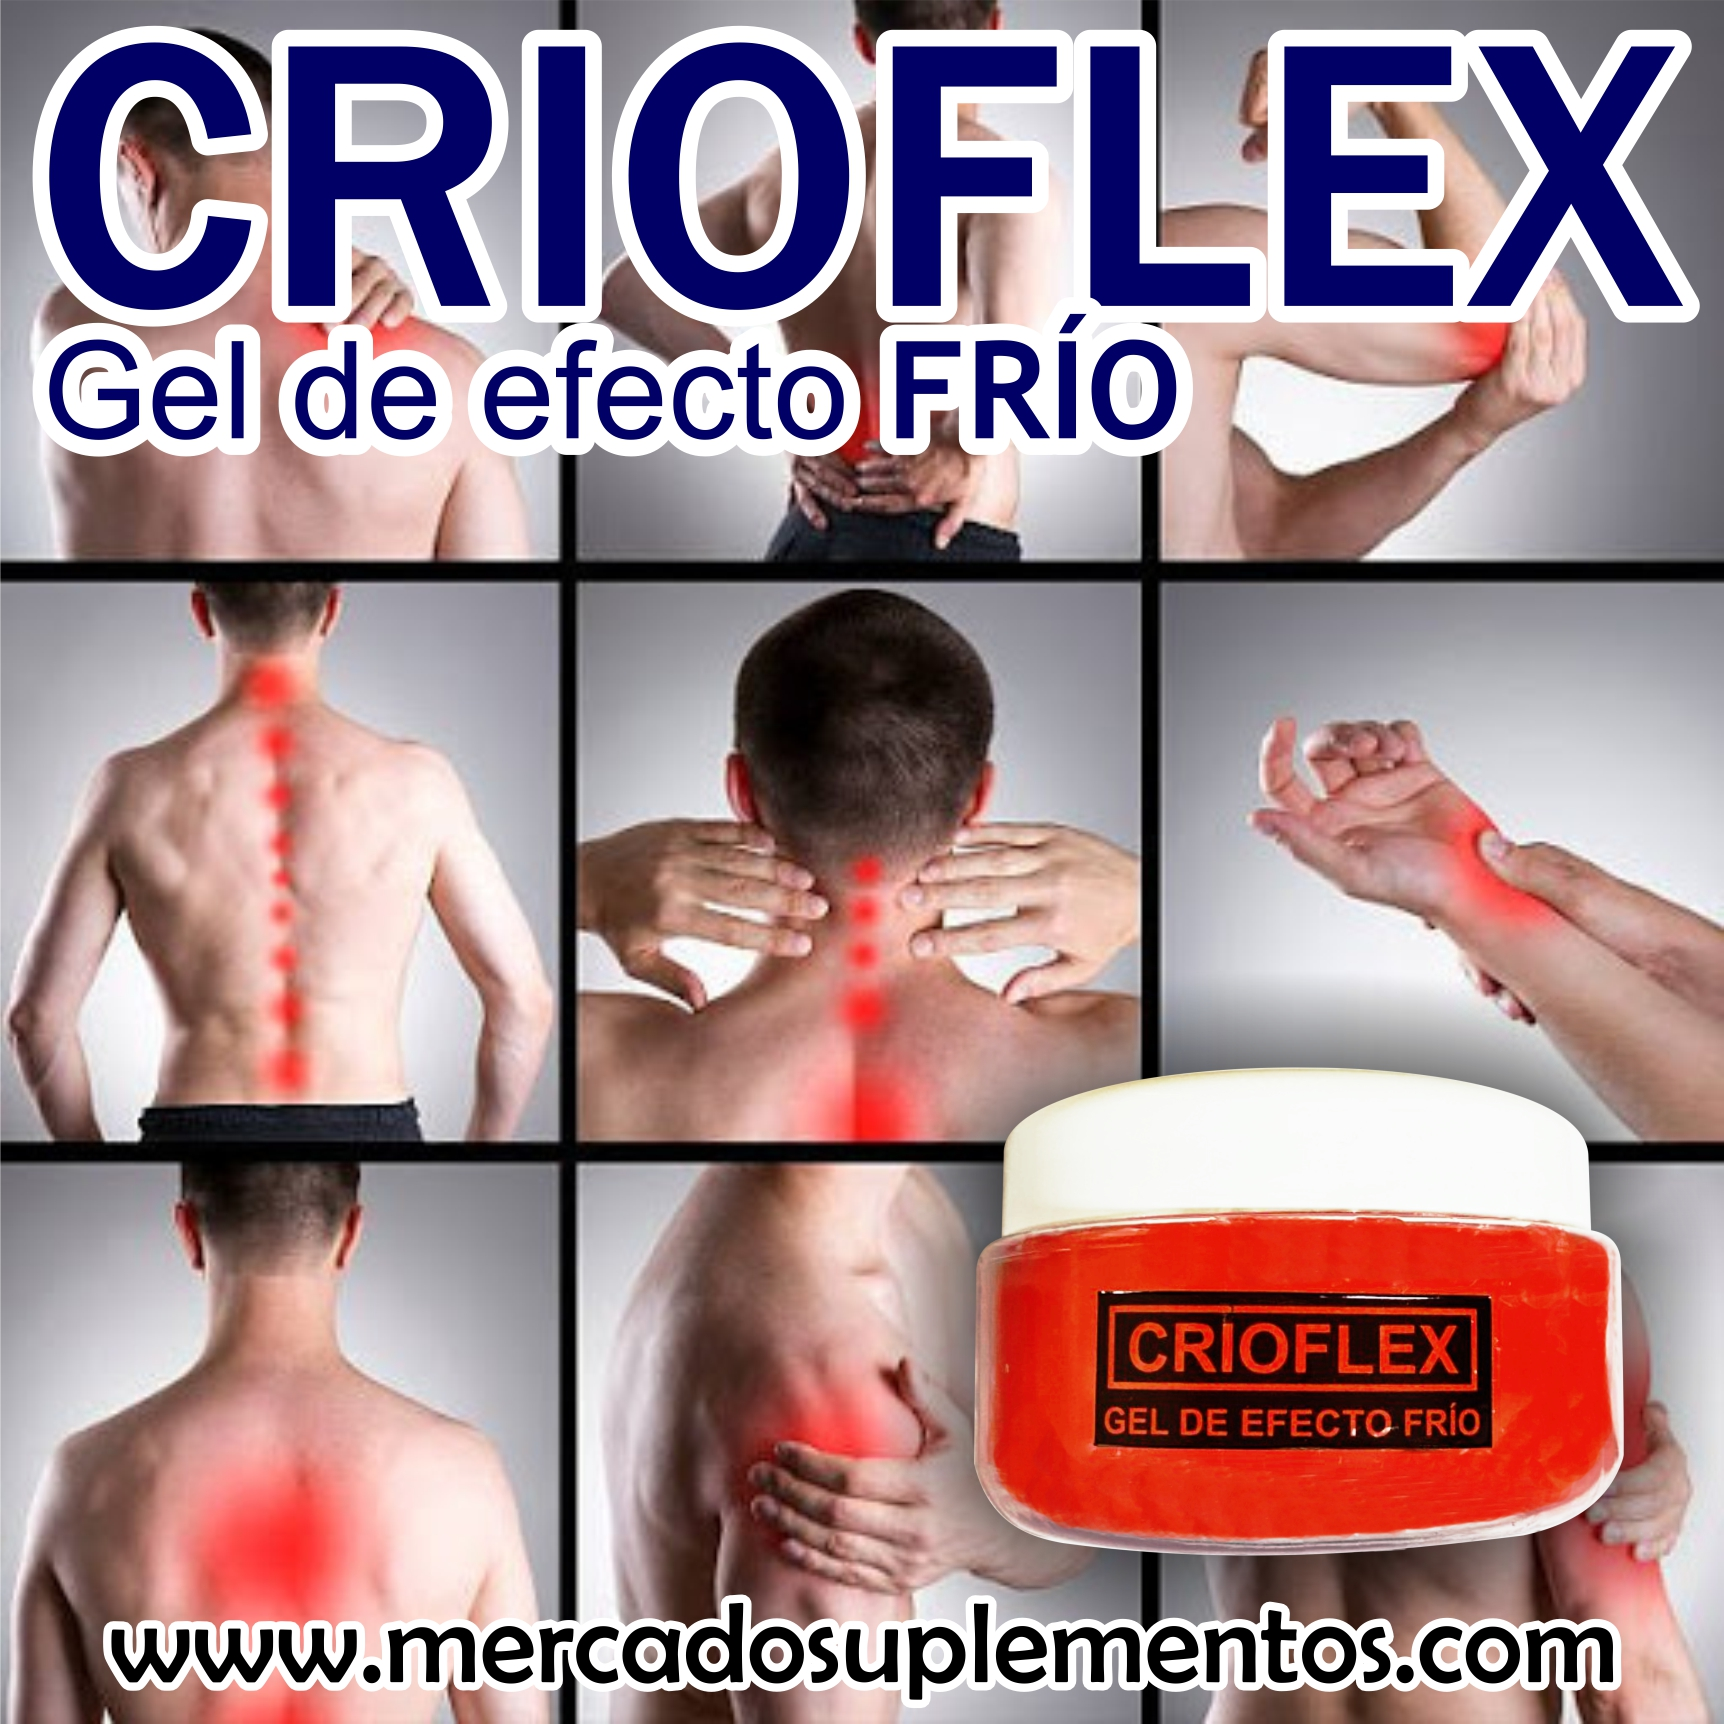 crioflex